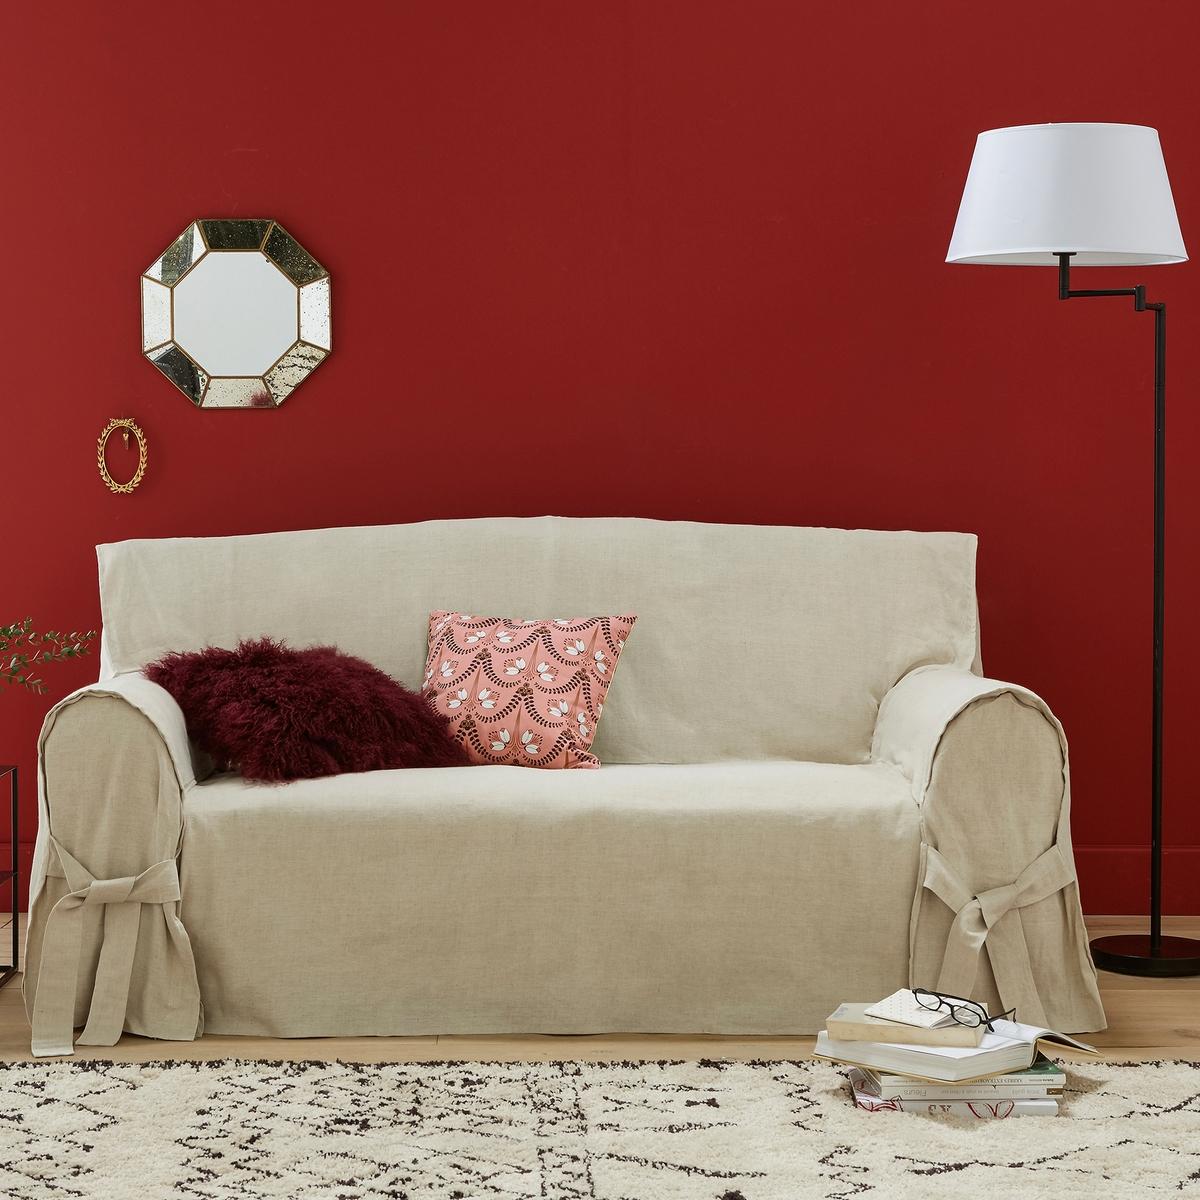 Чехол для диванаКачество VALEUR SURE. Плотная смесовая ткань исключительного качества,  55% льна, 45% хлопка. Общие размеры: общая высота 102 см, глубина сиденья 60 см. Стирка при 40°. Превосходная стойкость цвета к солнечным лучам. 2-местный диван: максимальная ширина 142 см, 2-3-местный диван: максимальная ширина 180 см. 3-местный диван: максимальная ширина 206 см.<br><br>Цвет: серо-бежевый